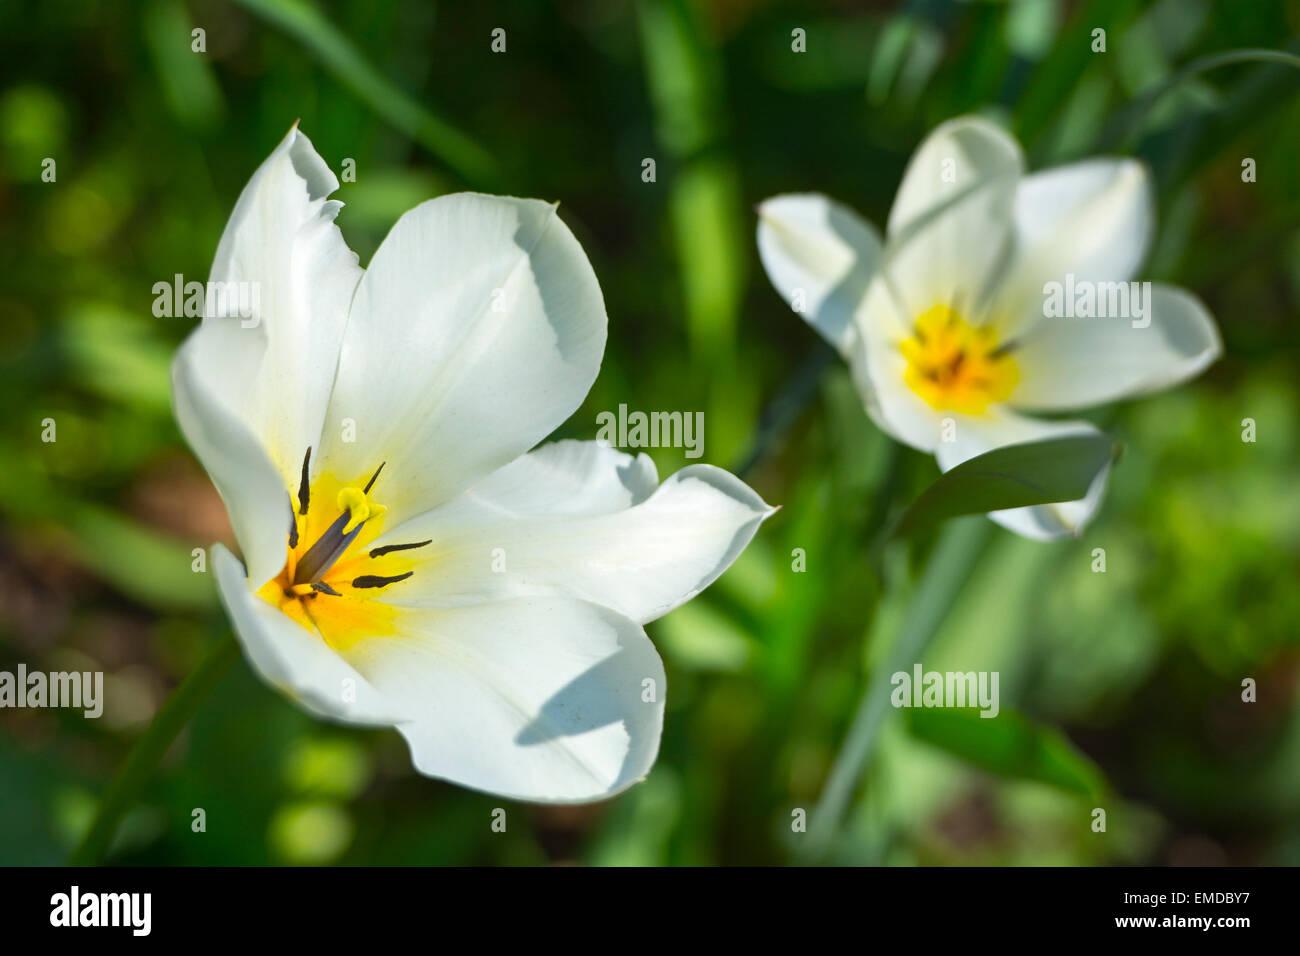 Fully open white tulip flower stock photo 81429355 alamy fully open white tulip flower mightylinksfo